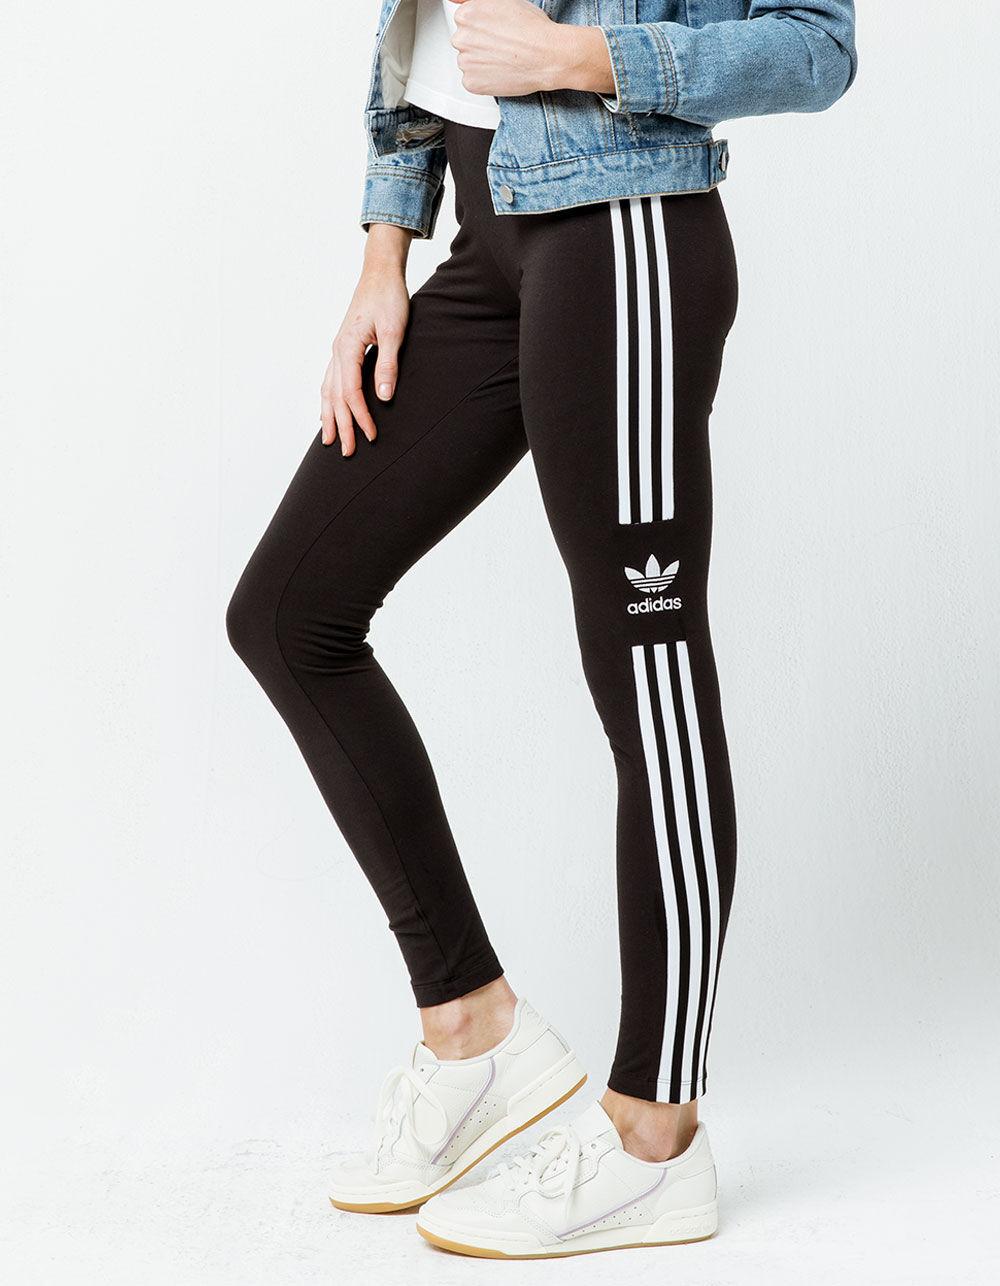 ADIDAS Trefoil Stripe Leggings